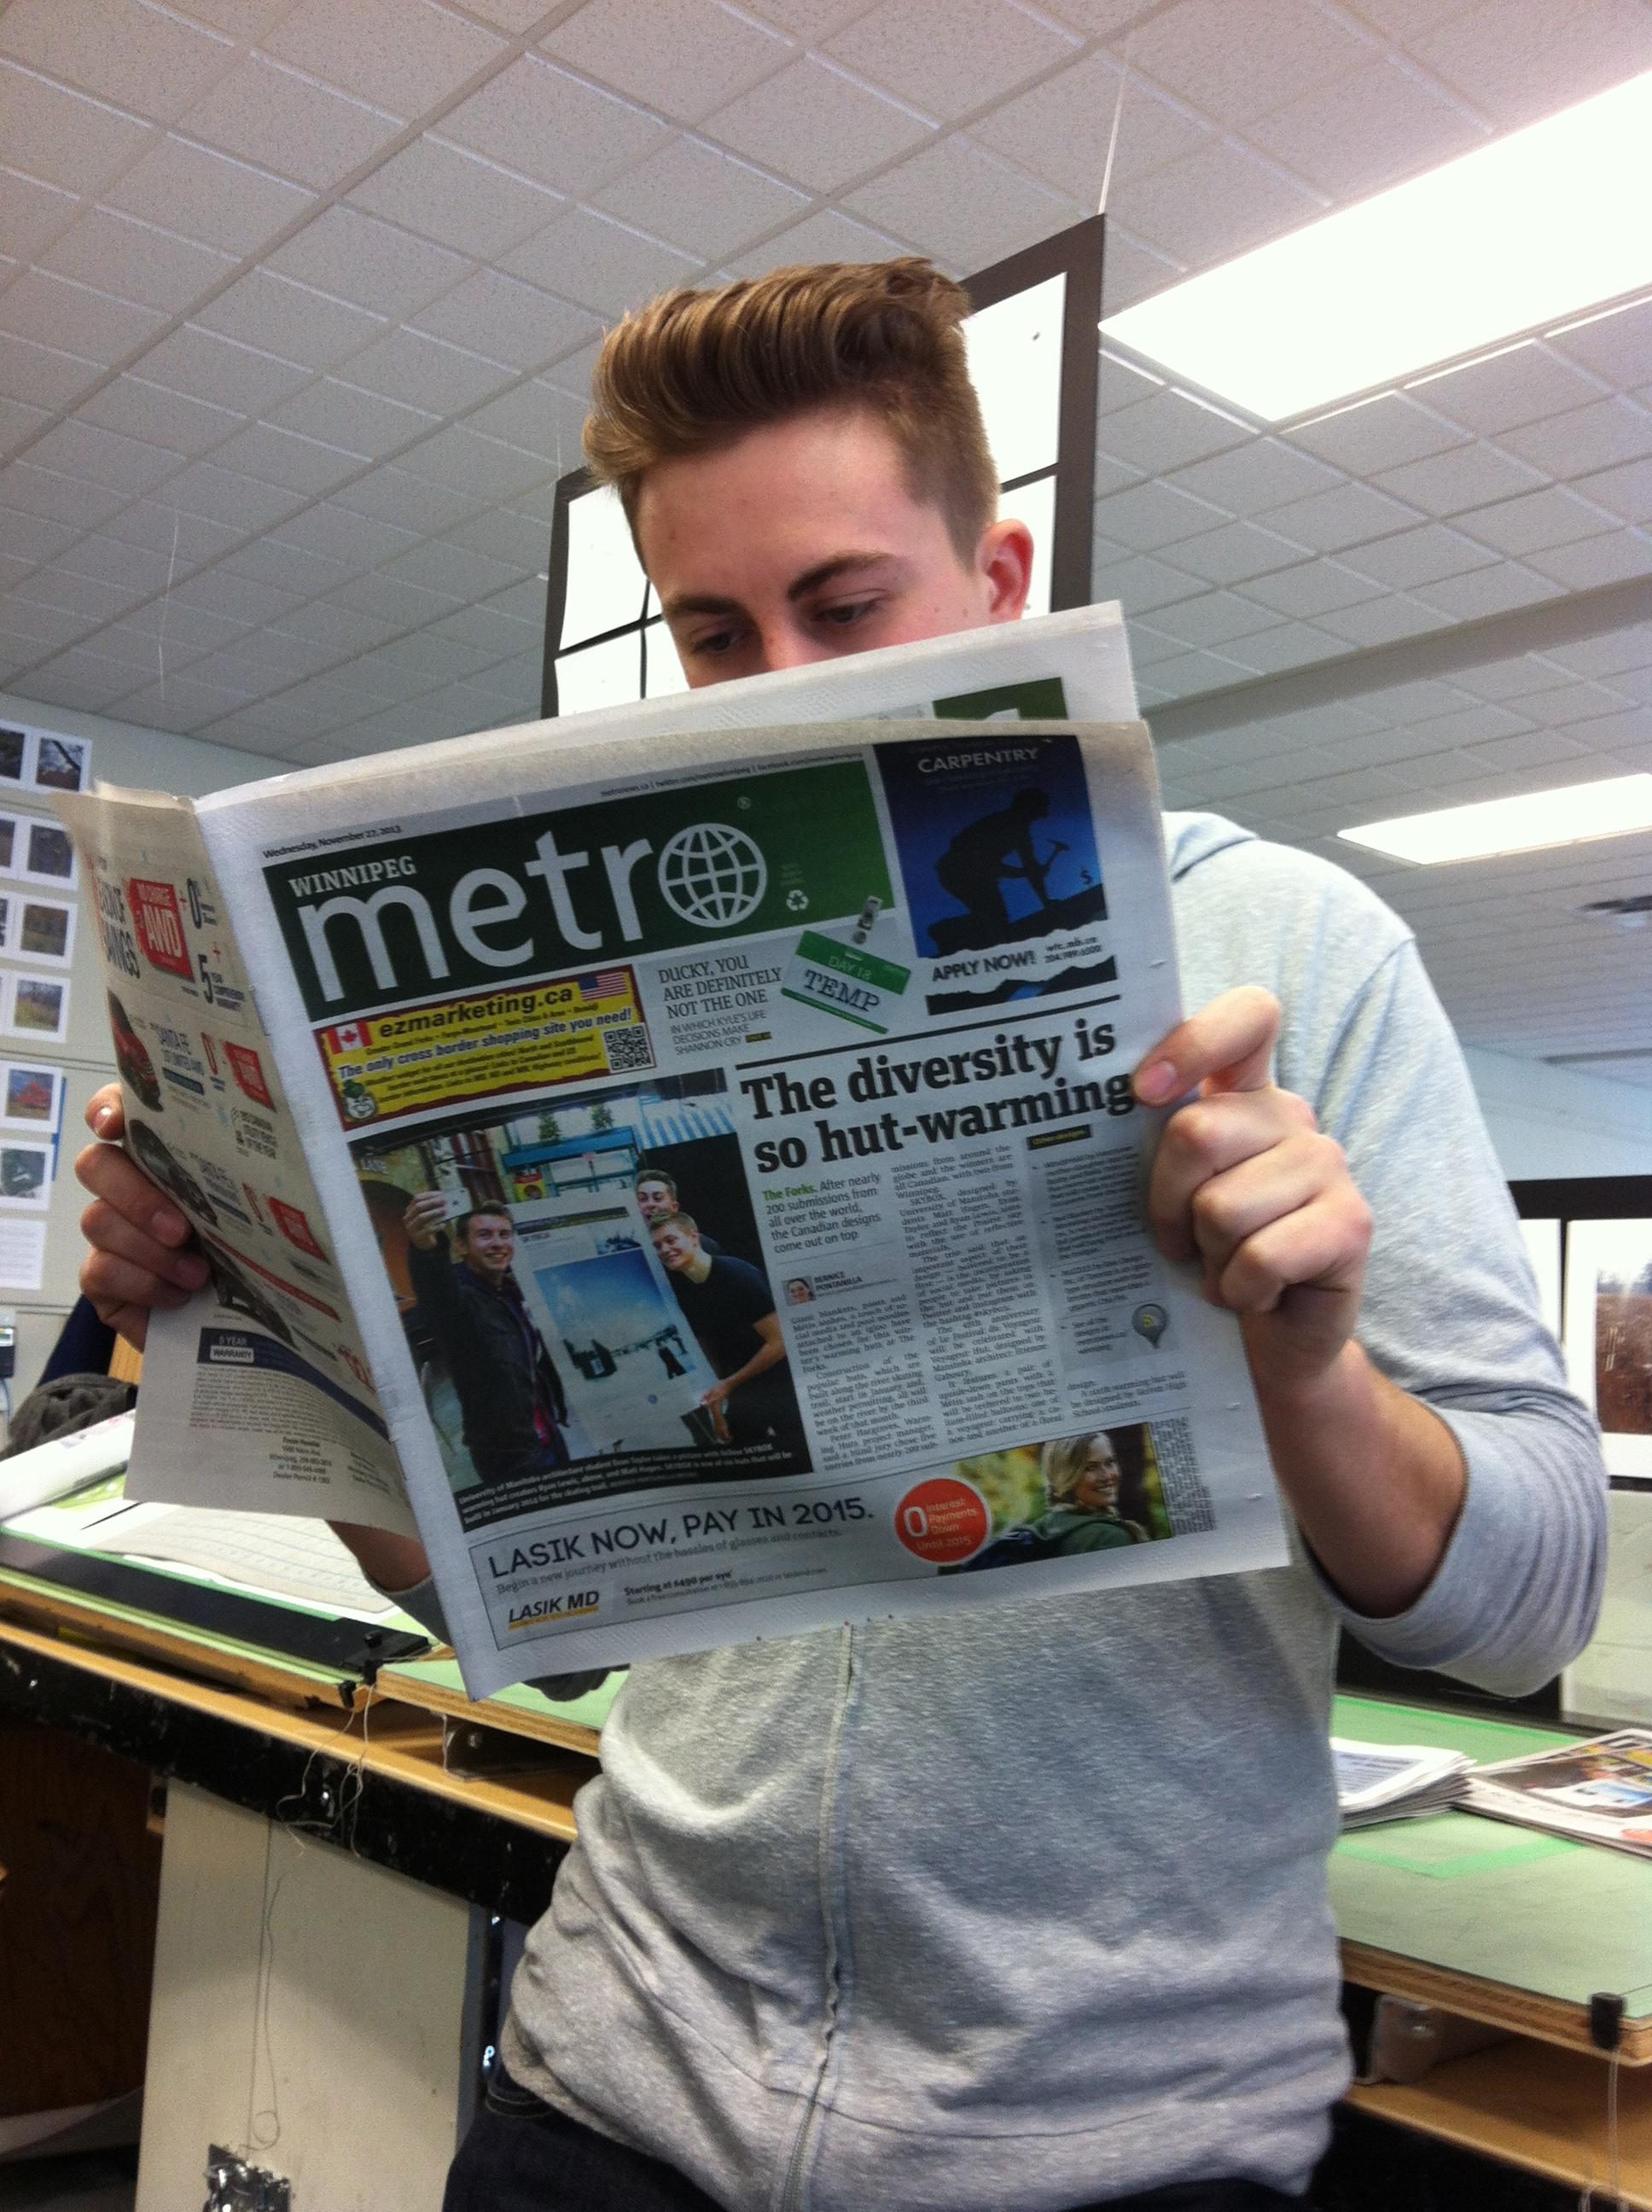 Winnipeg Metro